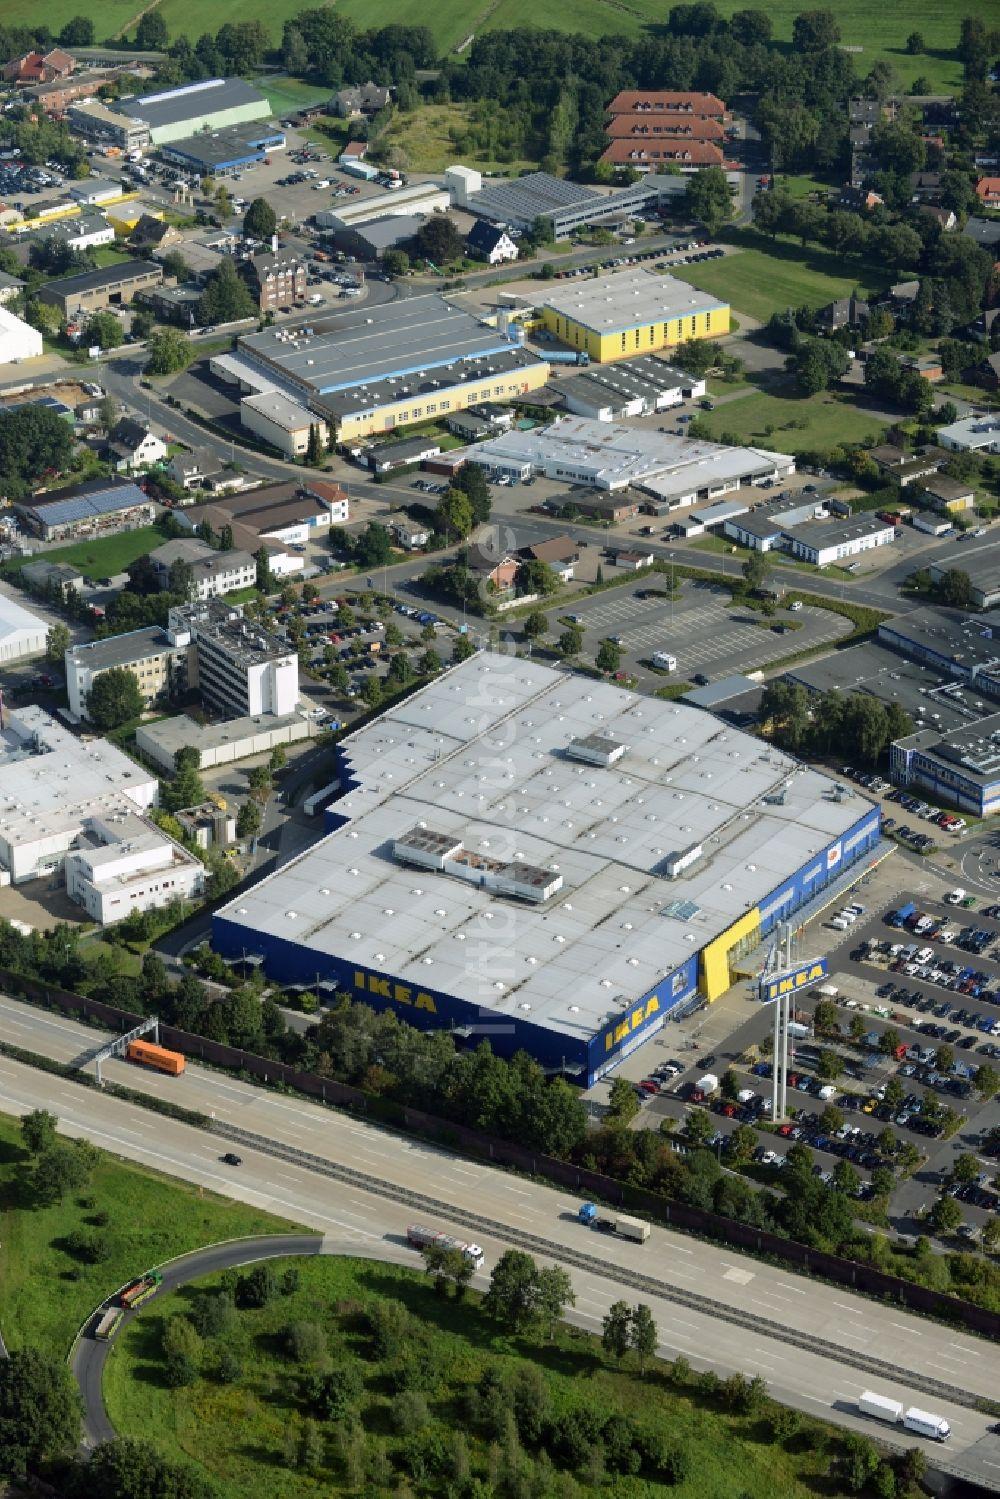 Ikea Isernhagen aus der vogelperspektive gebäude des einrichtungshaus möbelmarkt